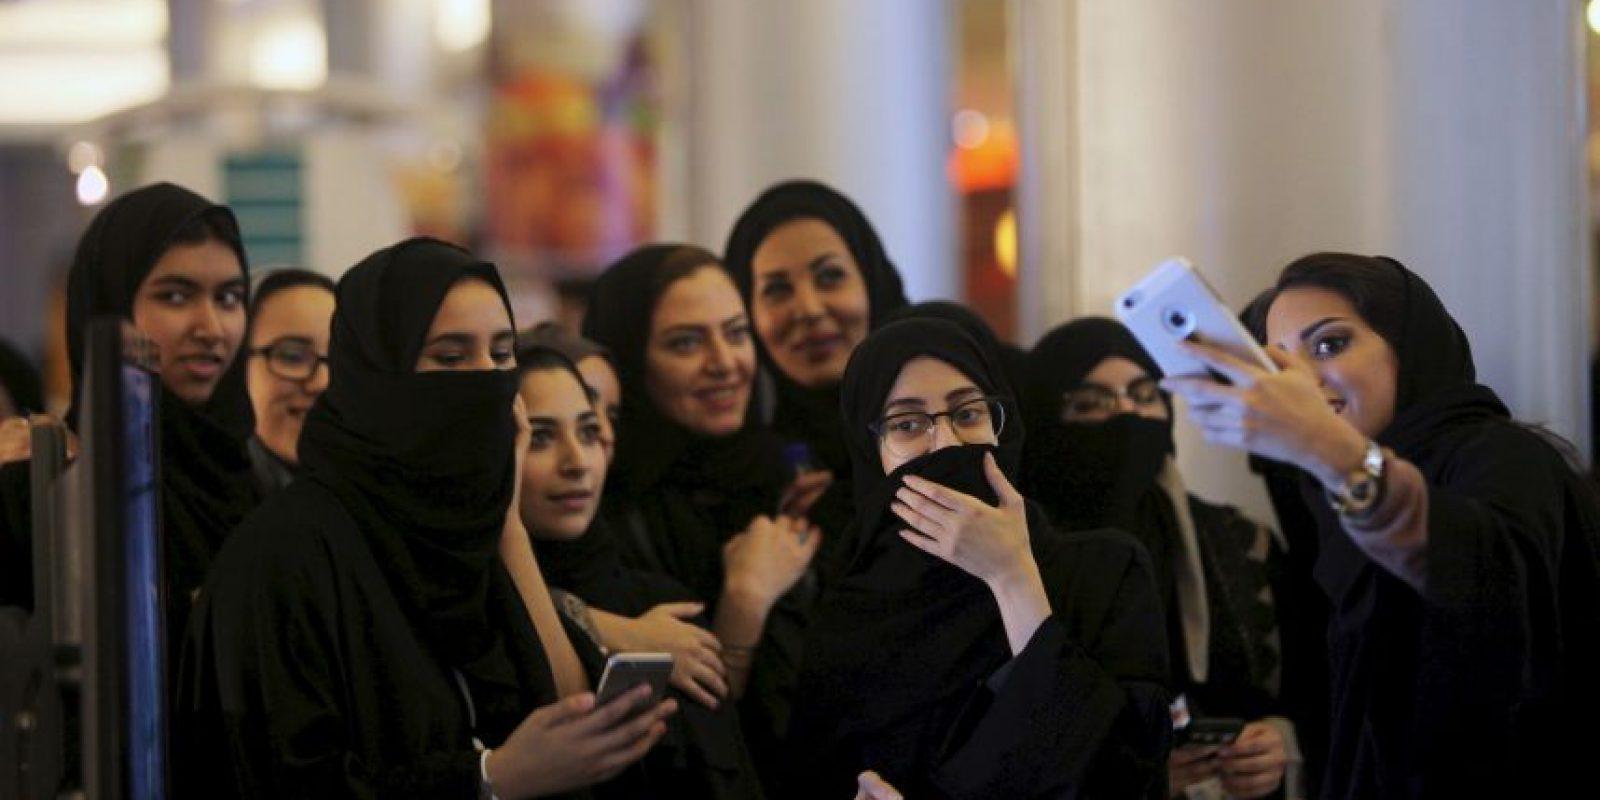 Hay lugares donde hay una fila para hombres y otra para mujeres Foto:Getty Images